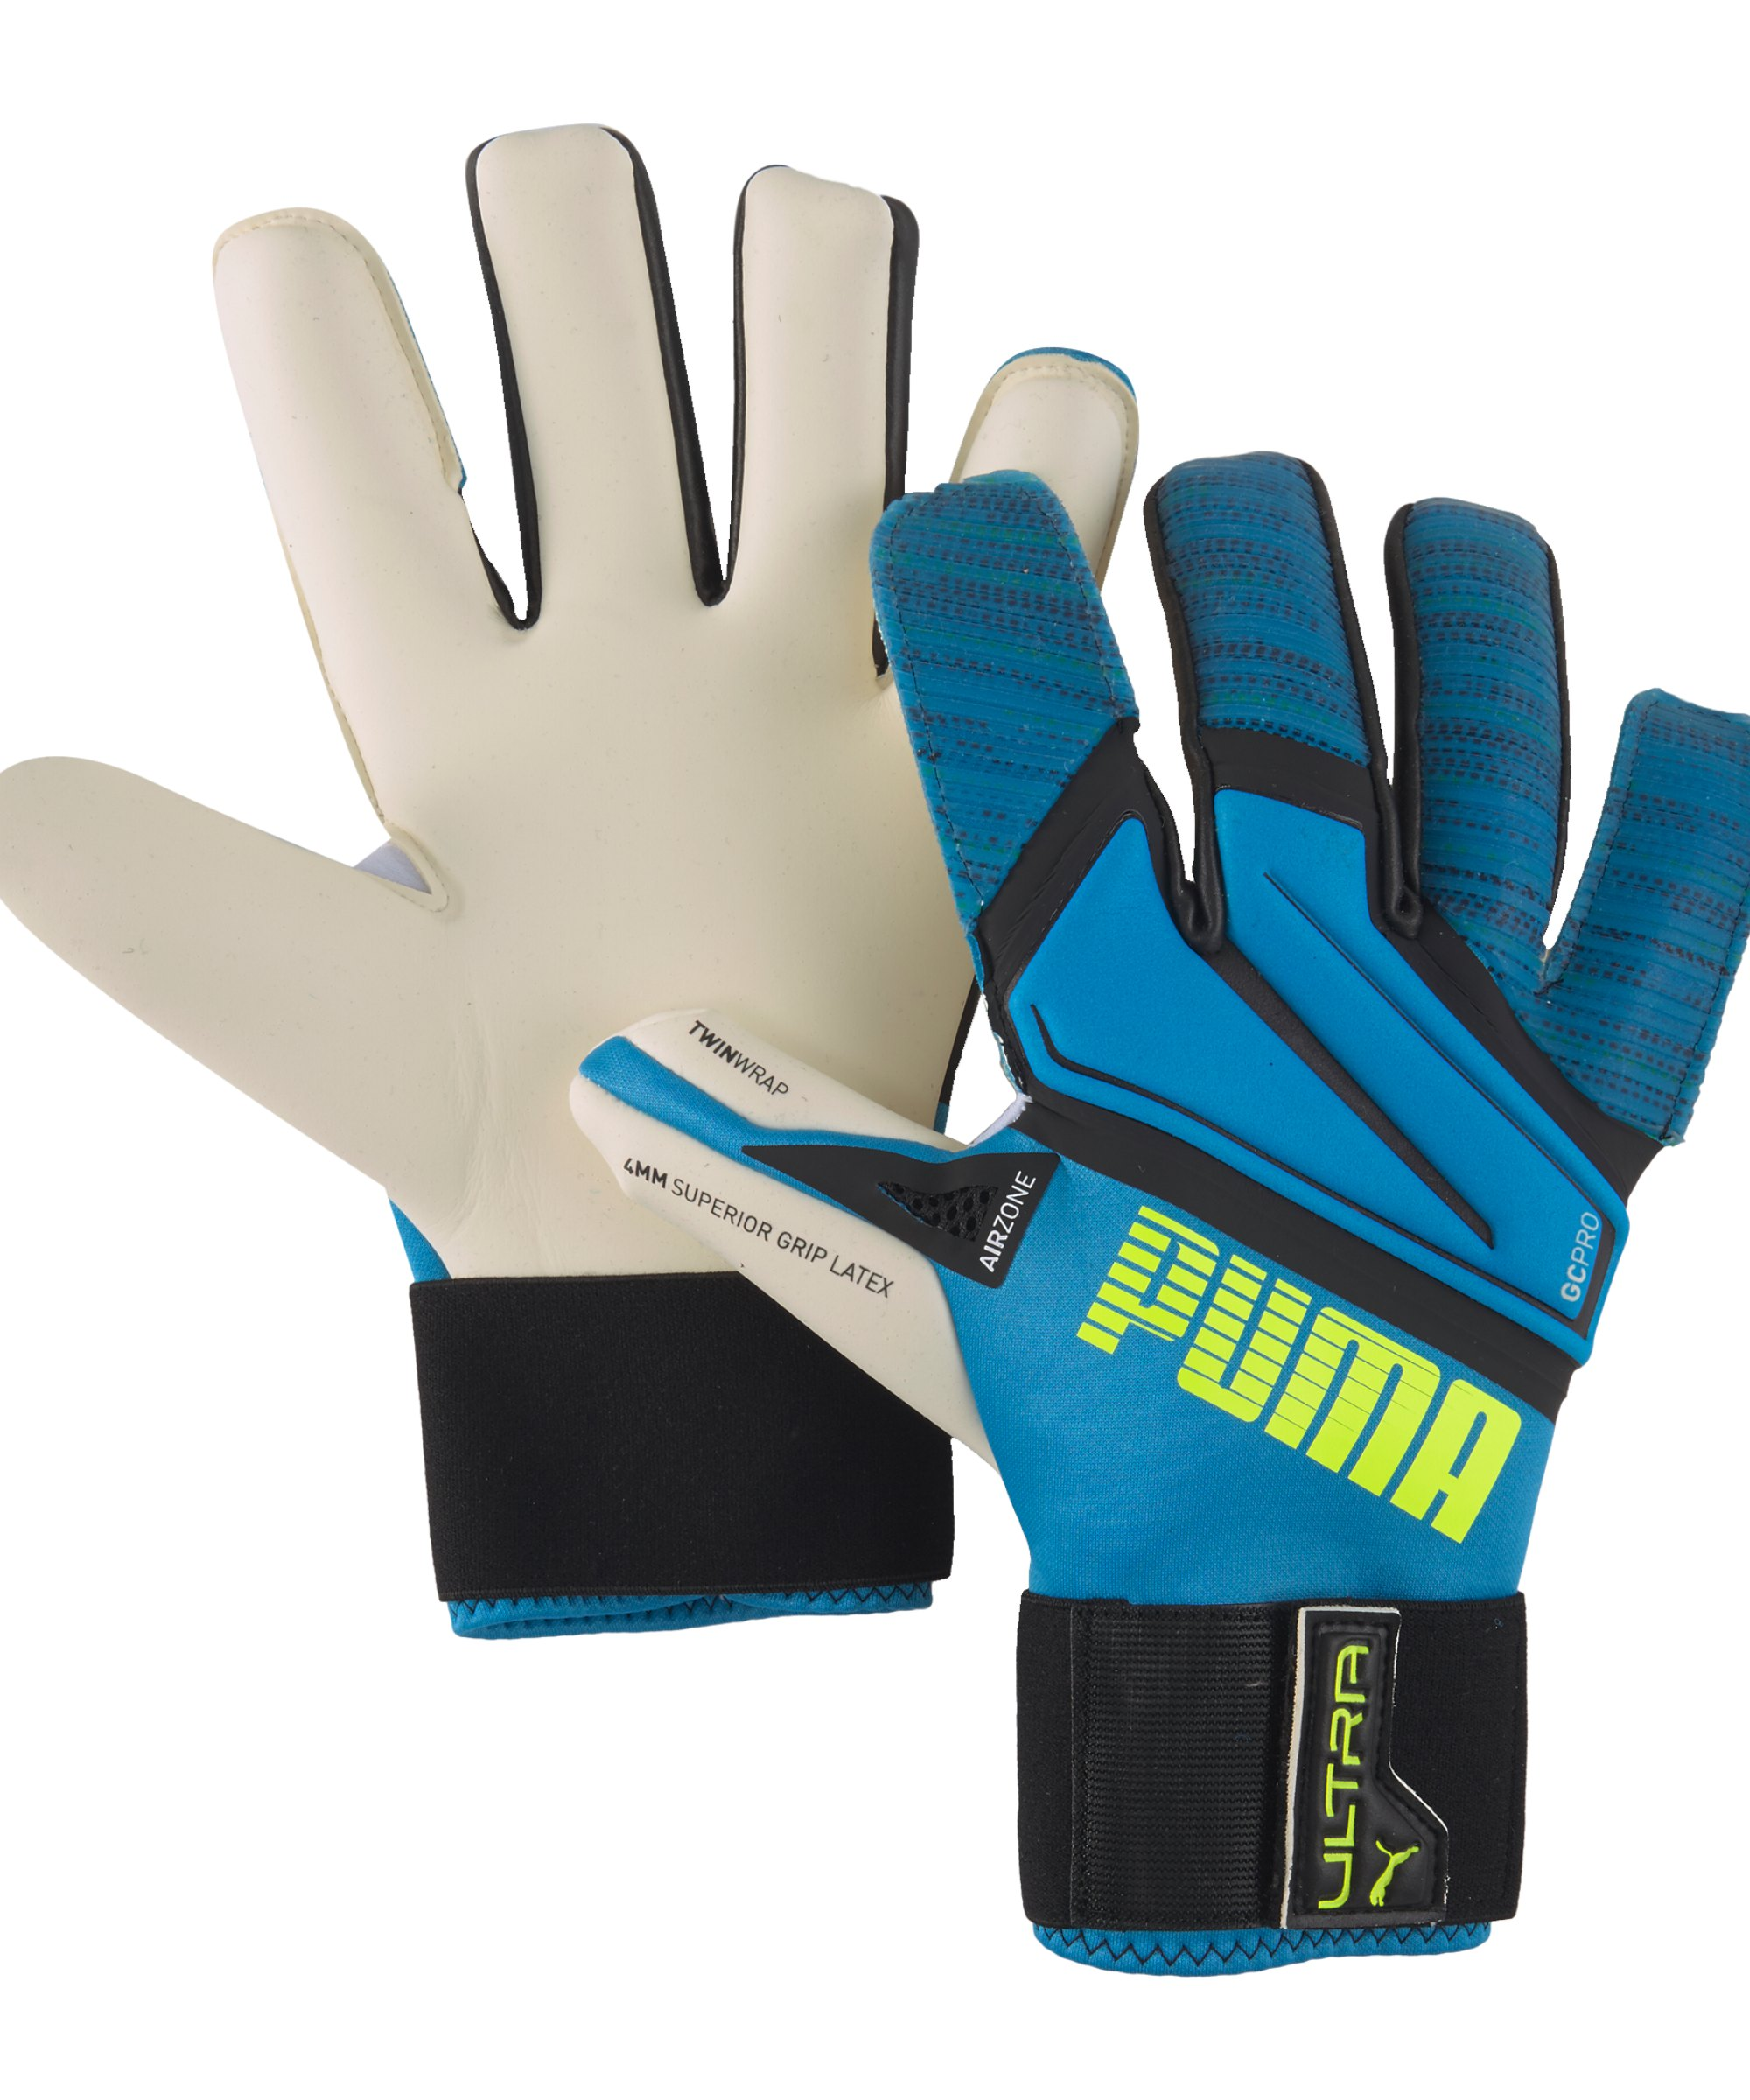 PUMA ULTRA Grip 1 Hybrid Pro Torwarthandschuh F07 - blau